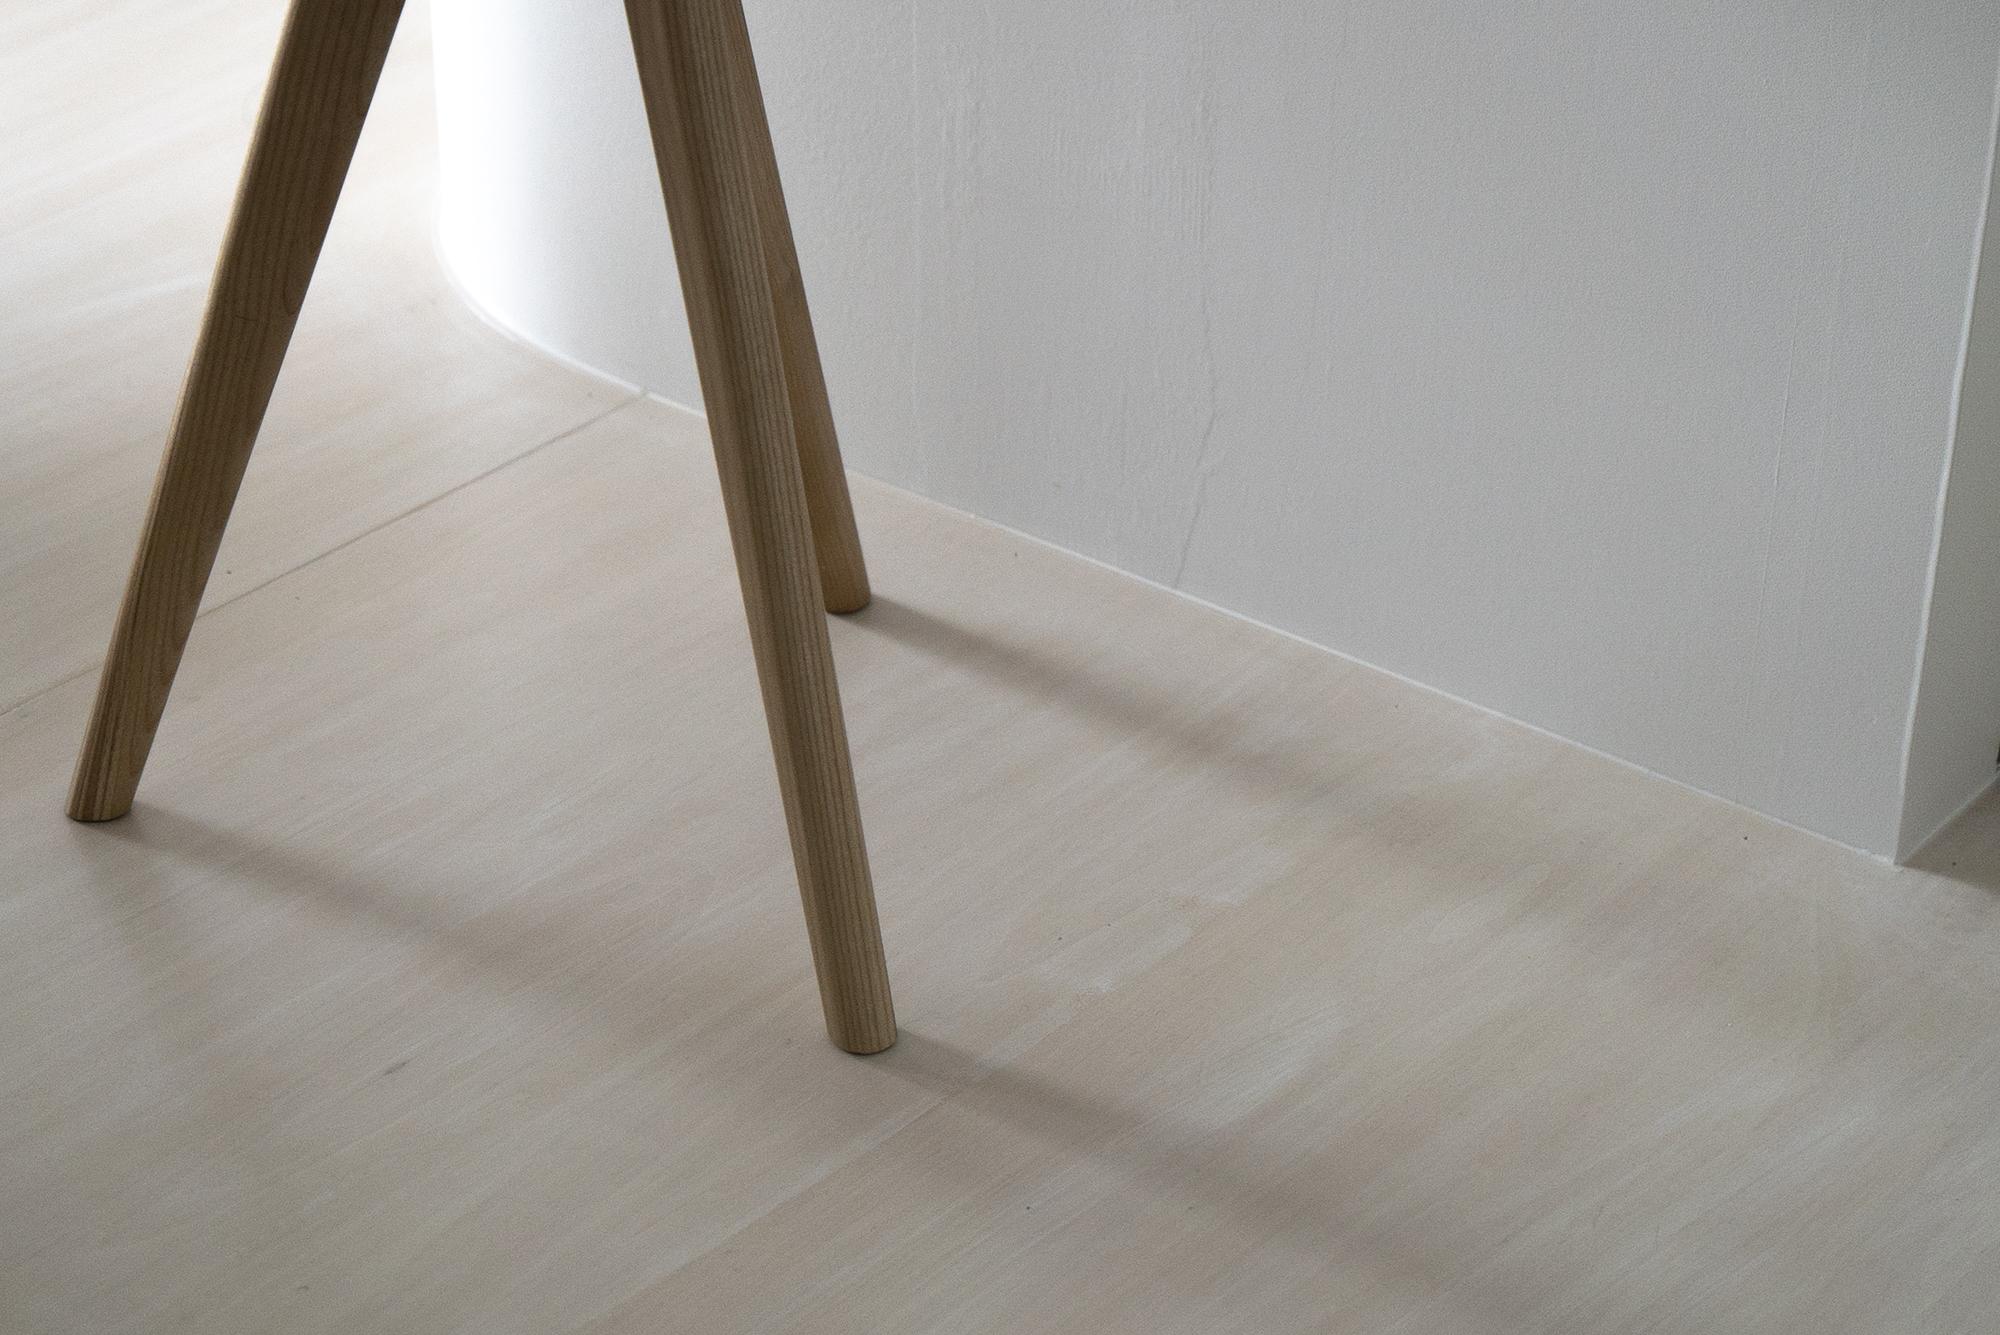 朝日プラザフローラル駅西 モデルルーム / 椅子にできた影